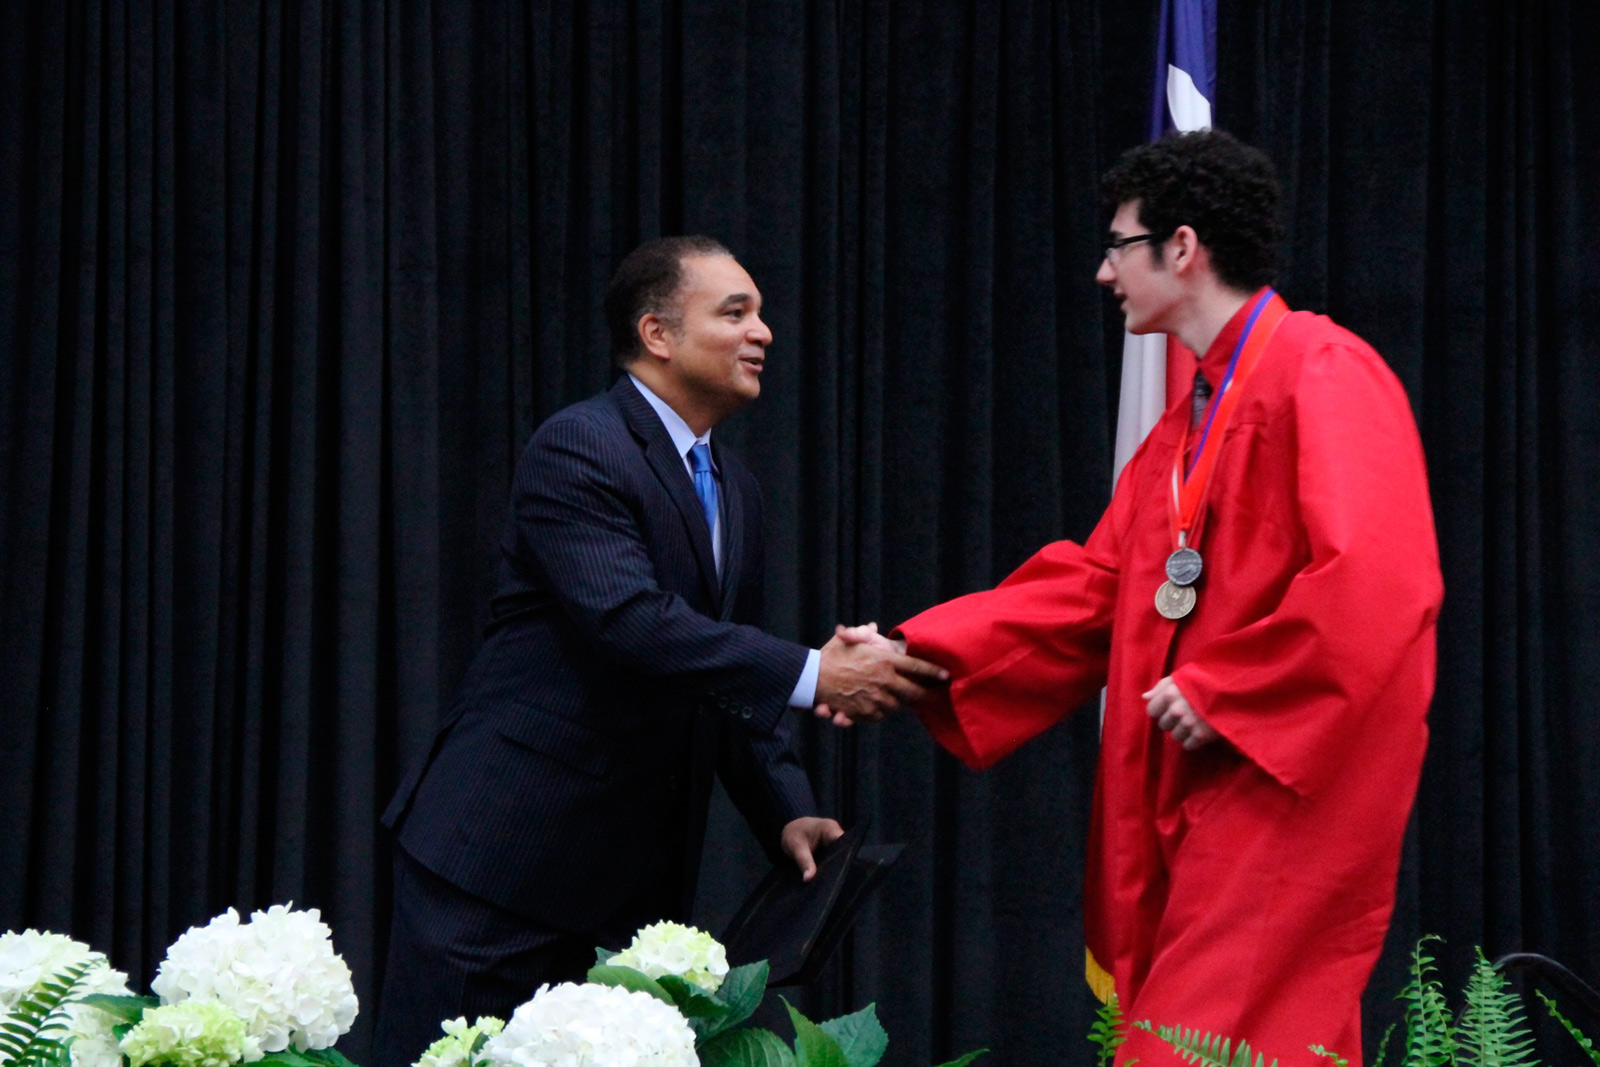 students awarded at Northwest ISD